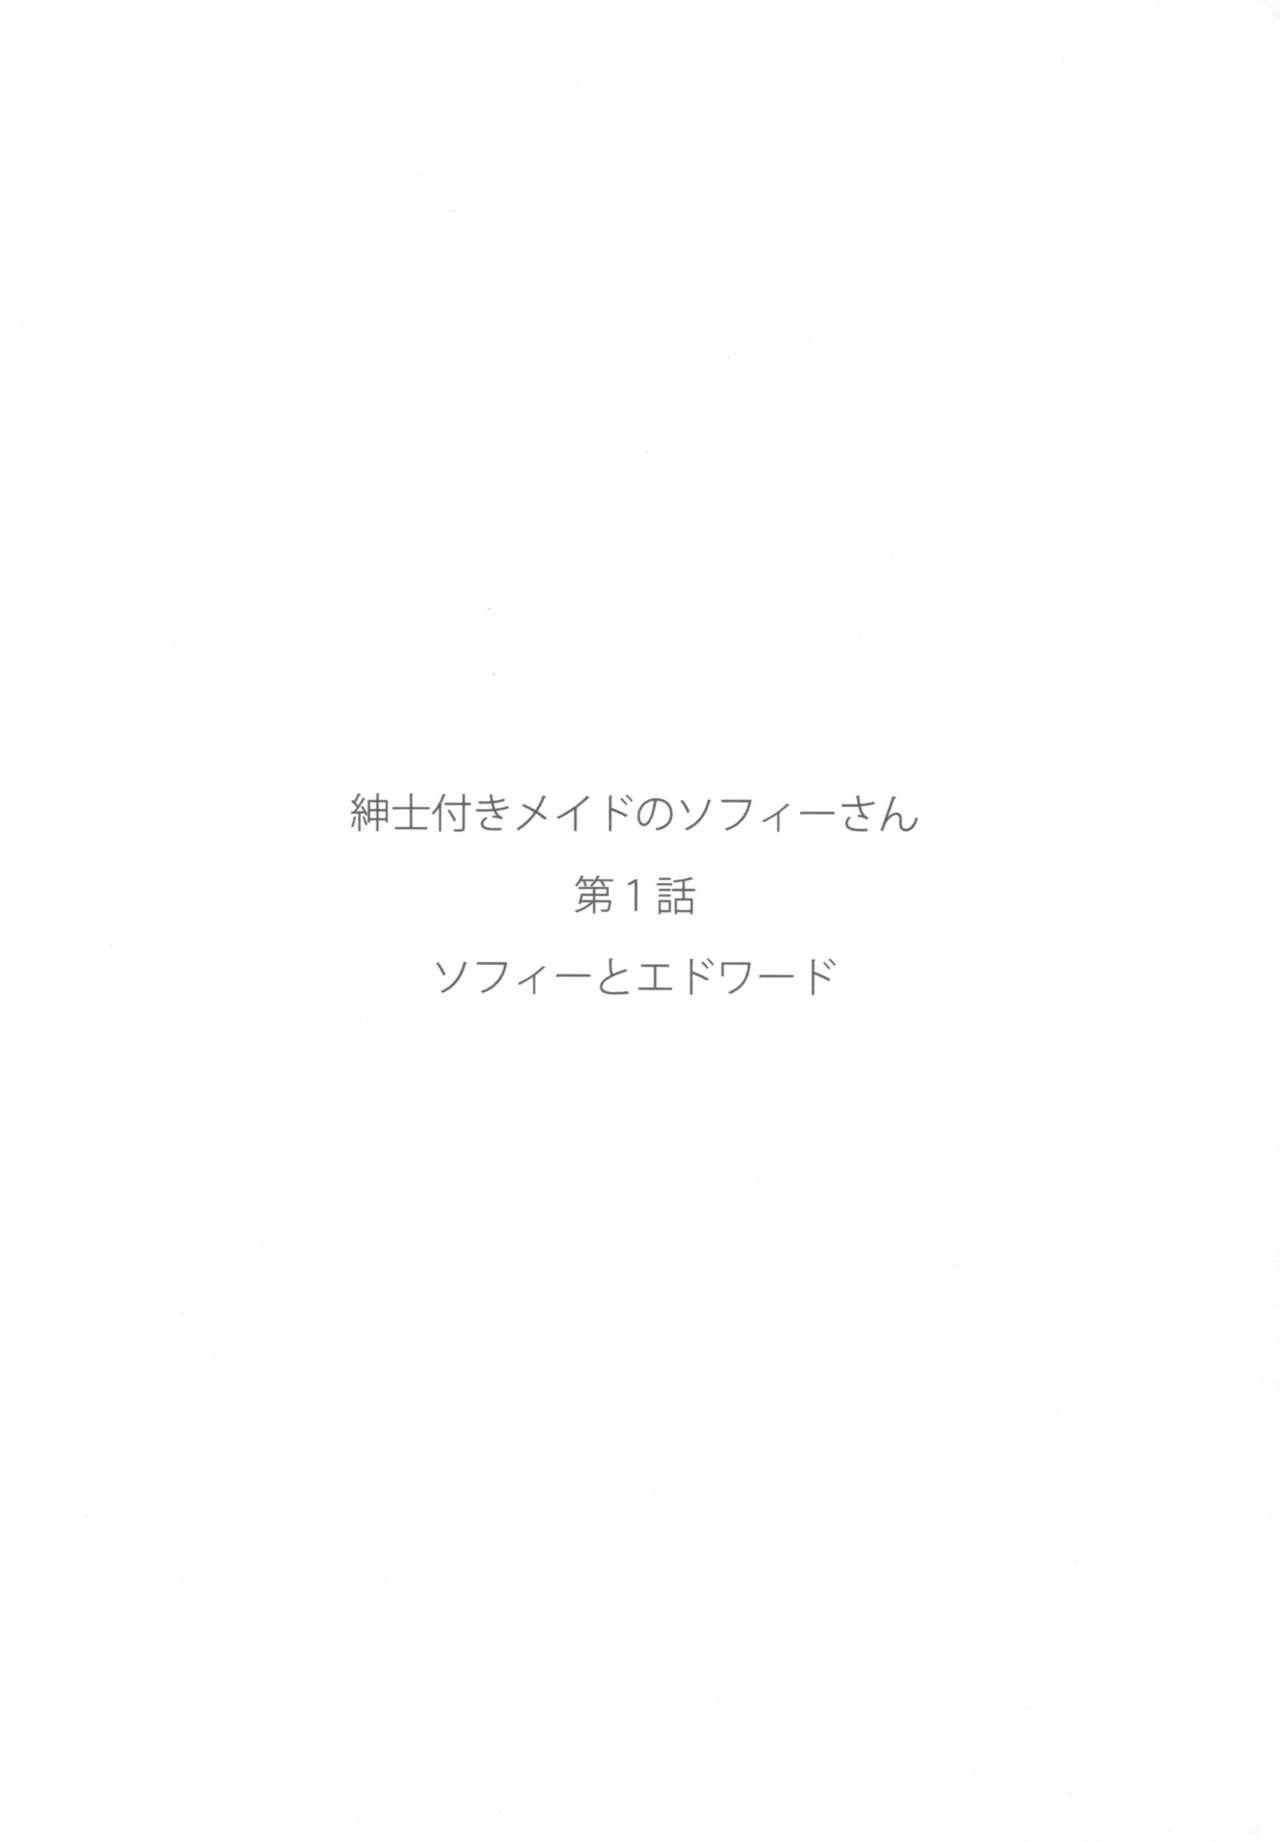 Shinshi Tsuki Maid no Sophie-san 1 57